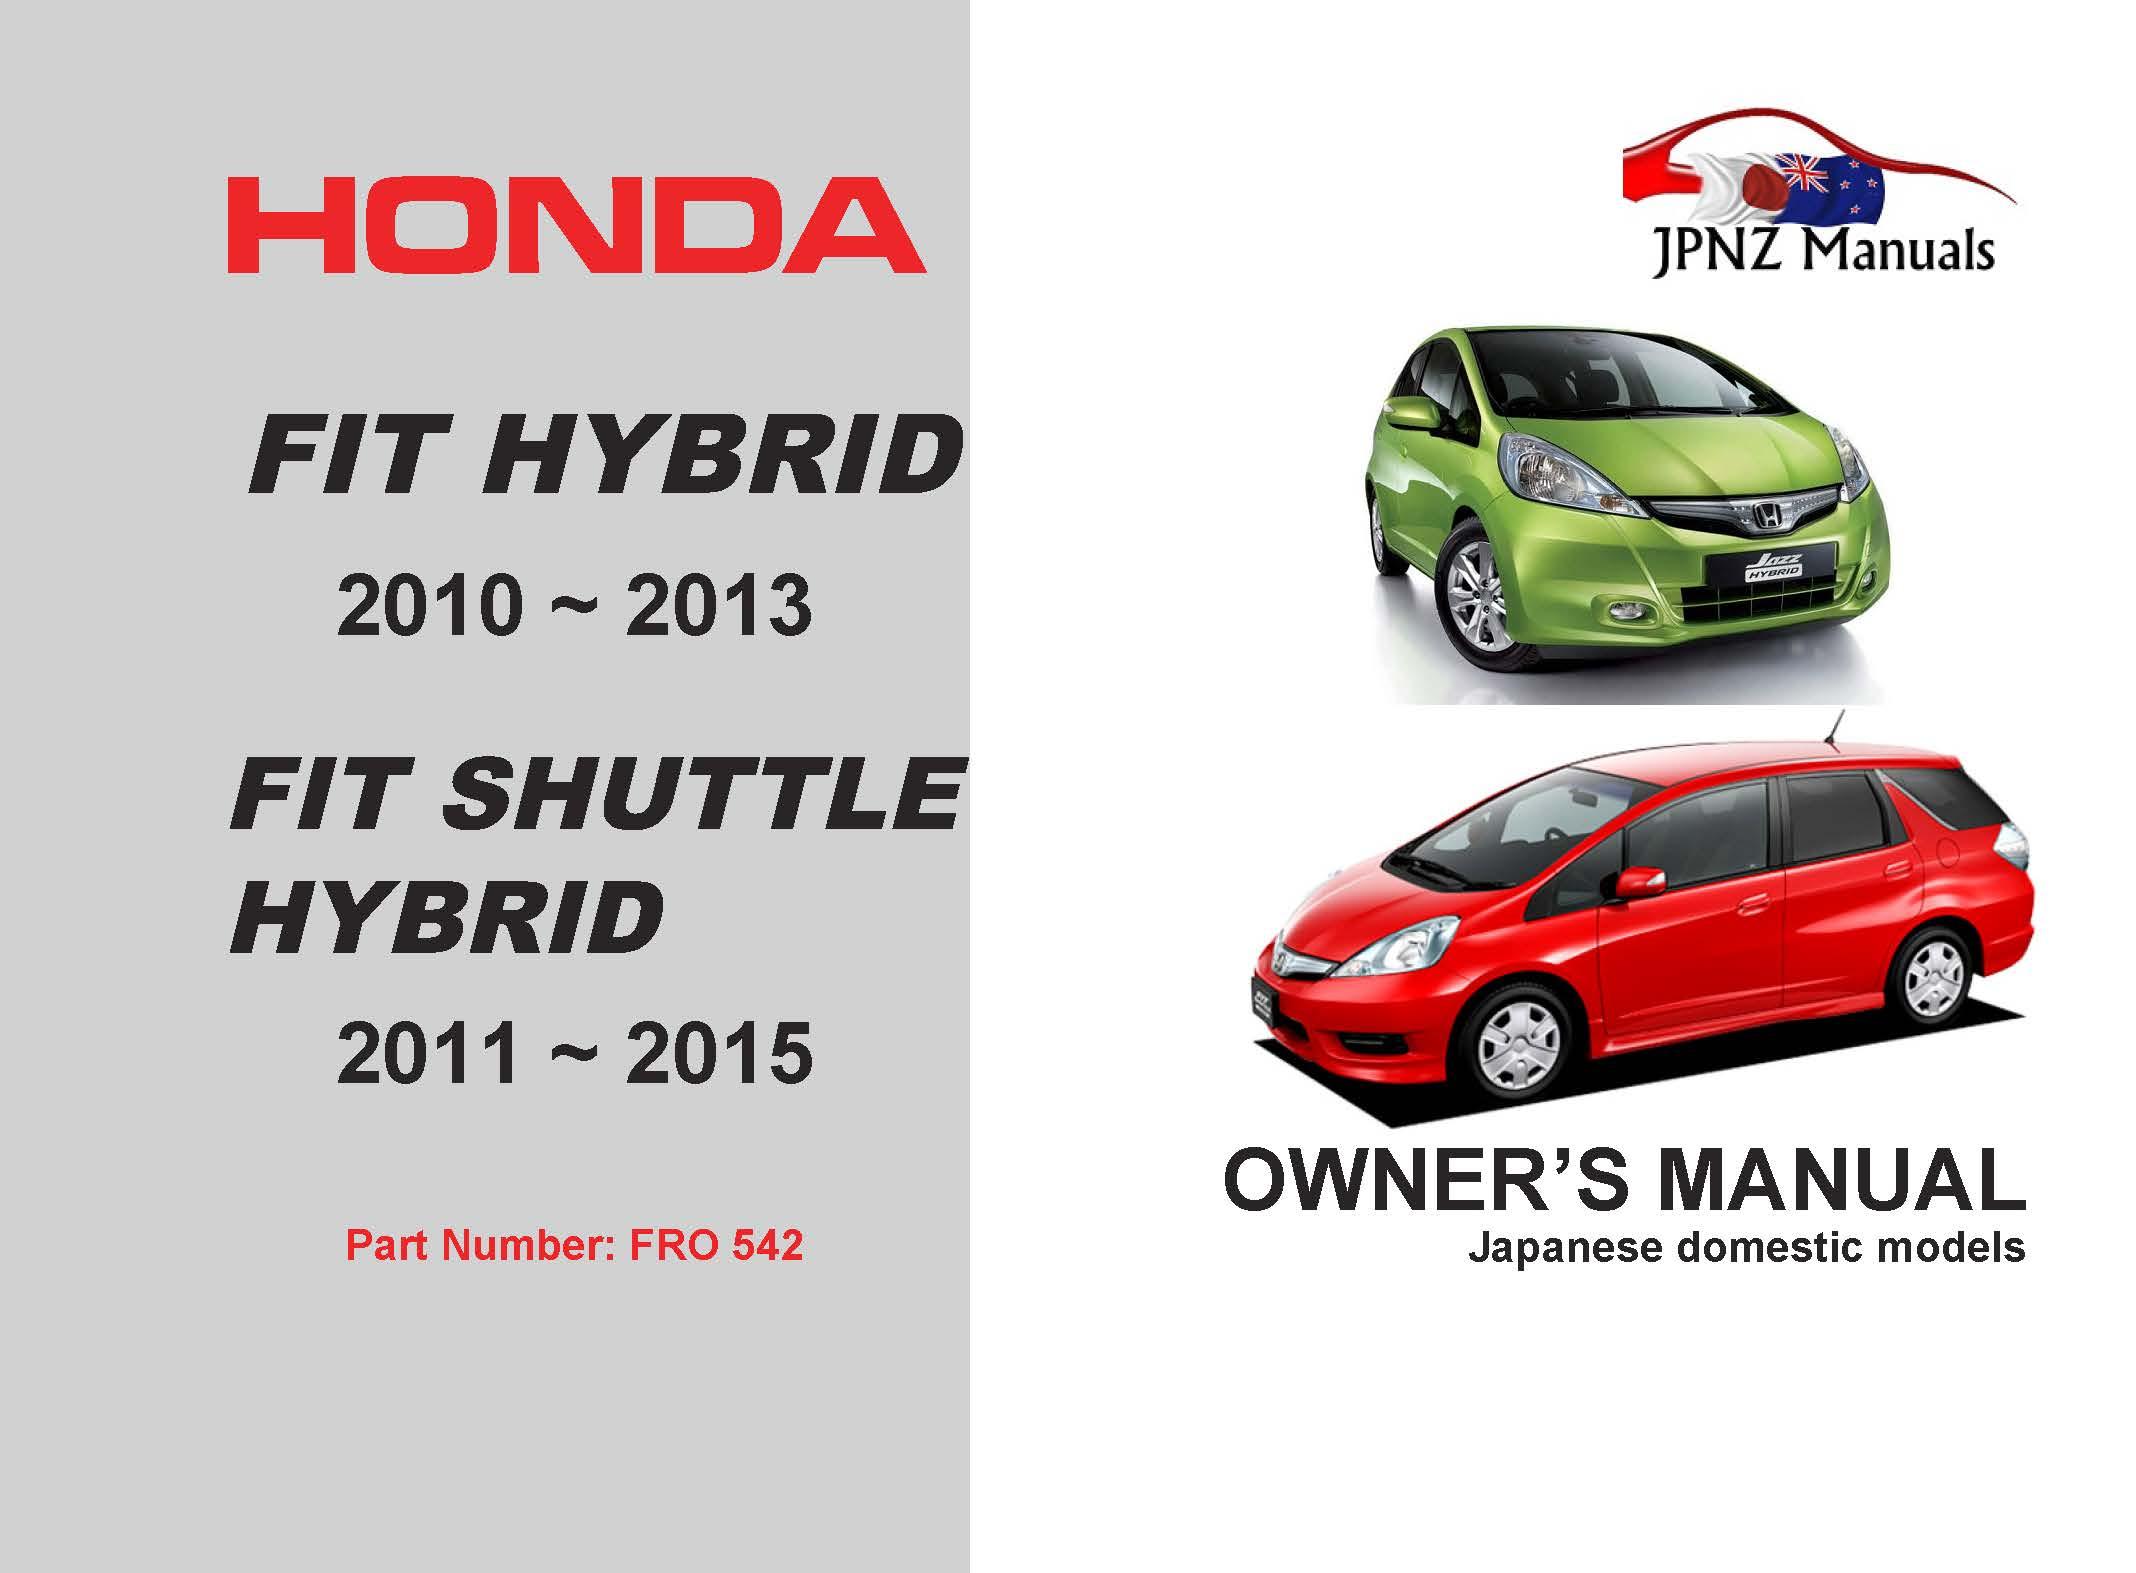 542 Honda Fit Hybrid / Fit Shuttle Hybrid